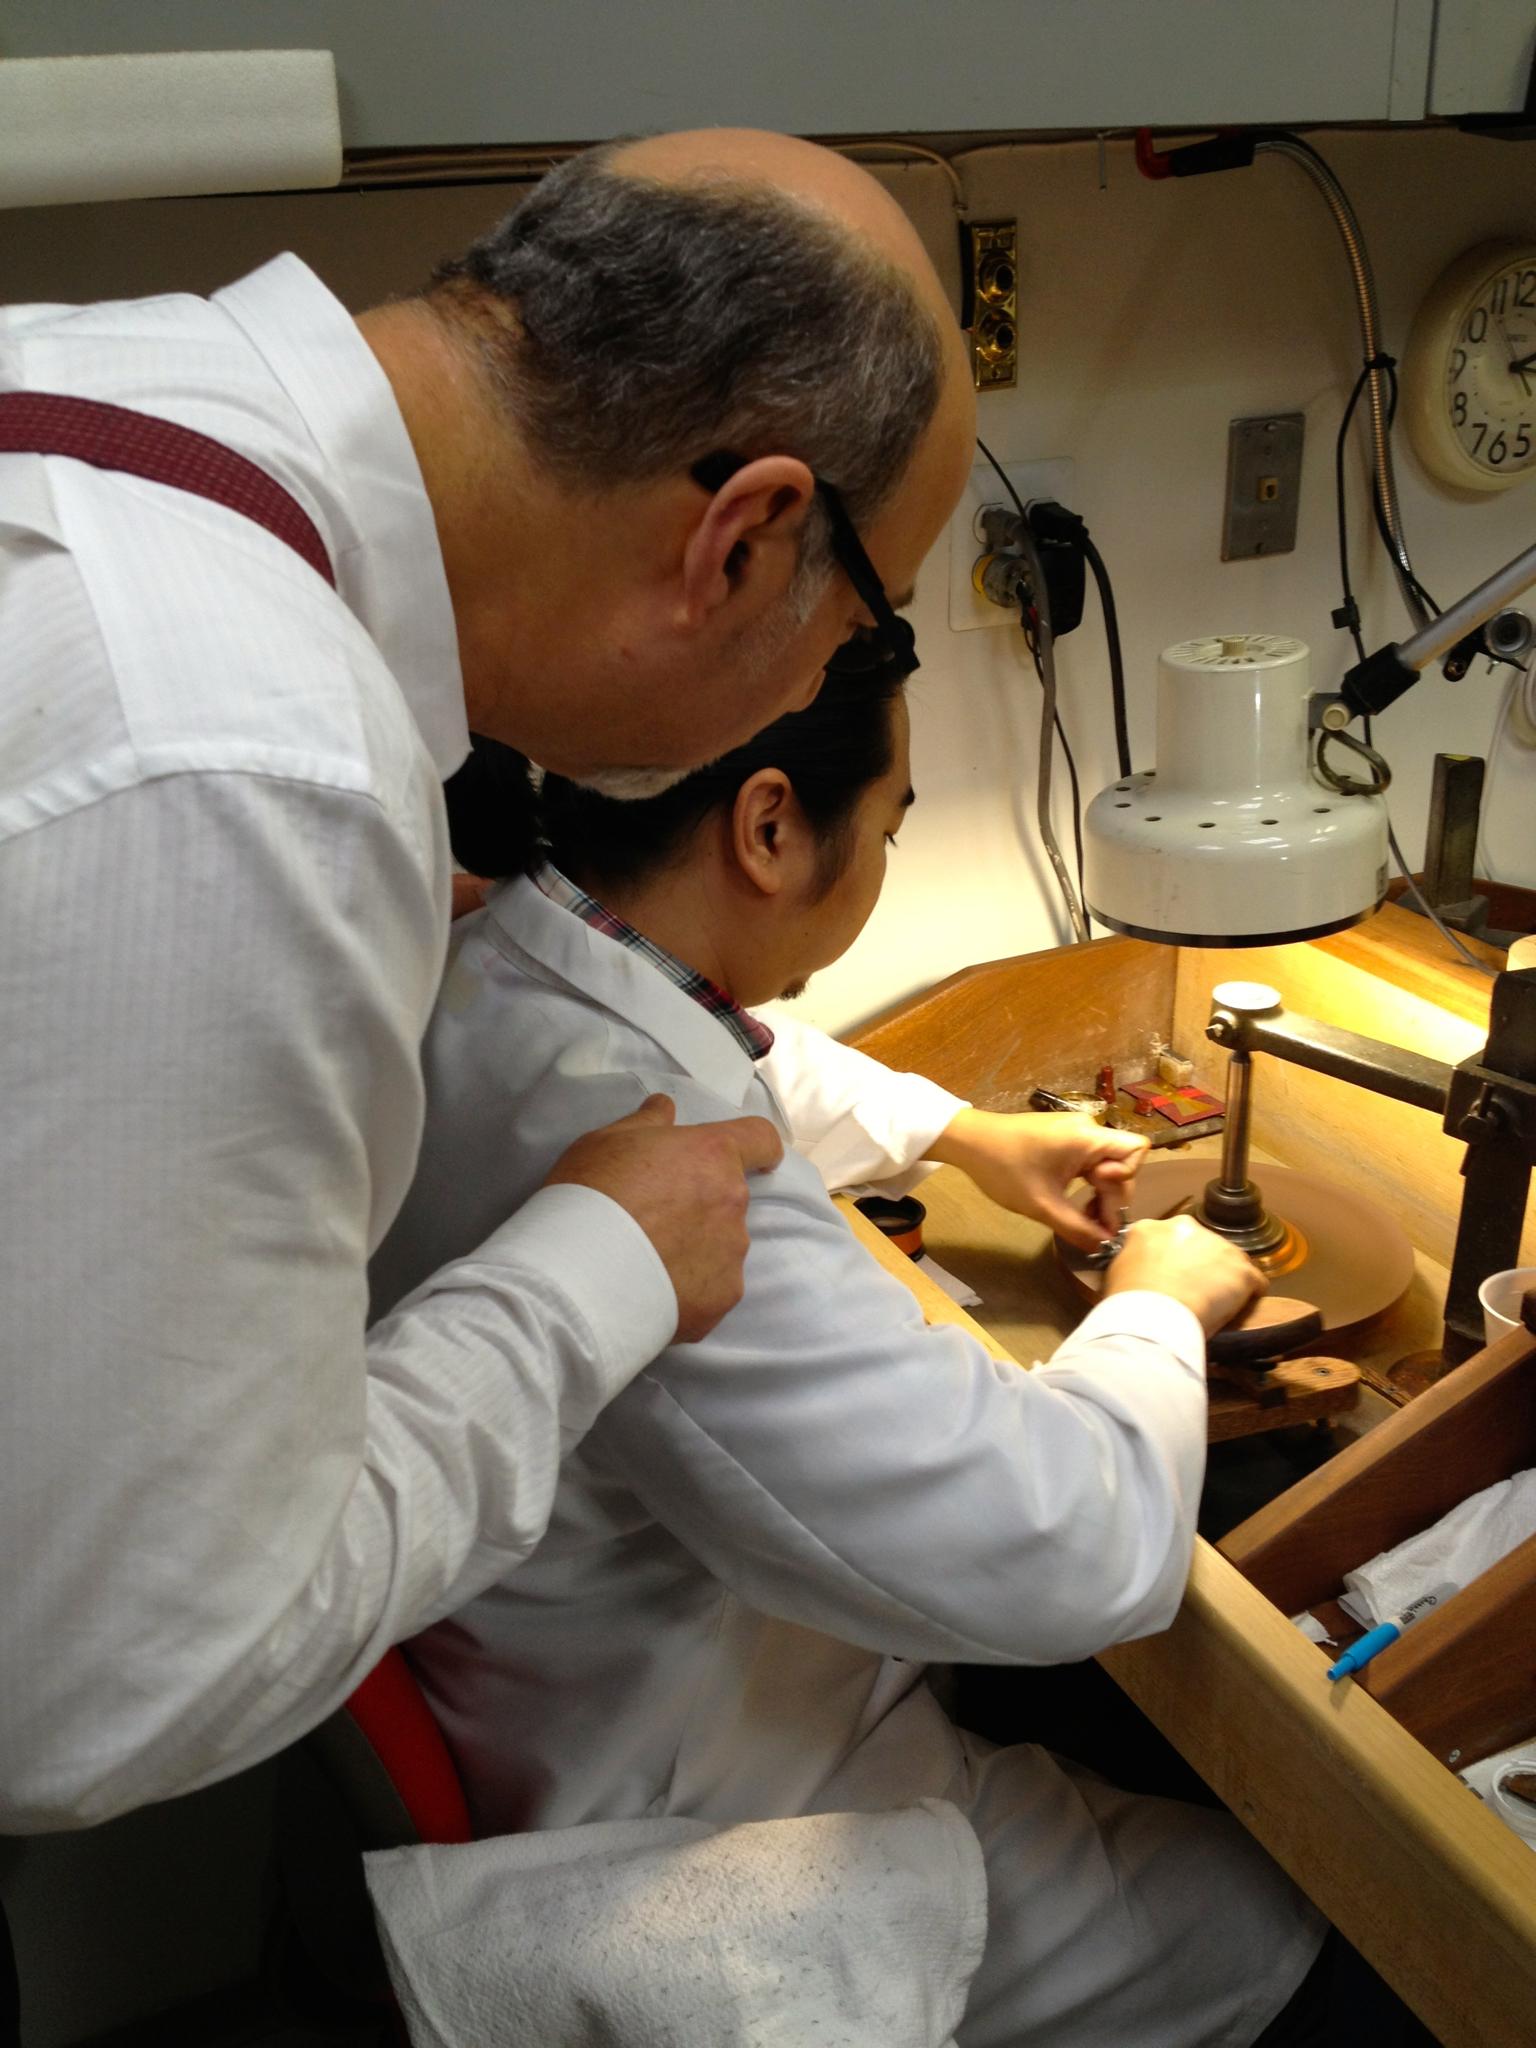 RIchard Orbach and Mr. Shin, gem polisher at work.